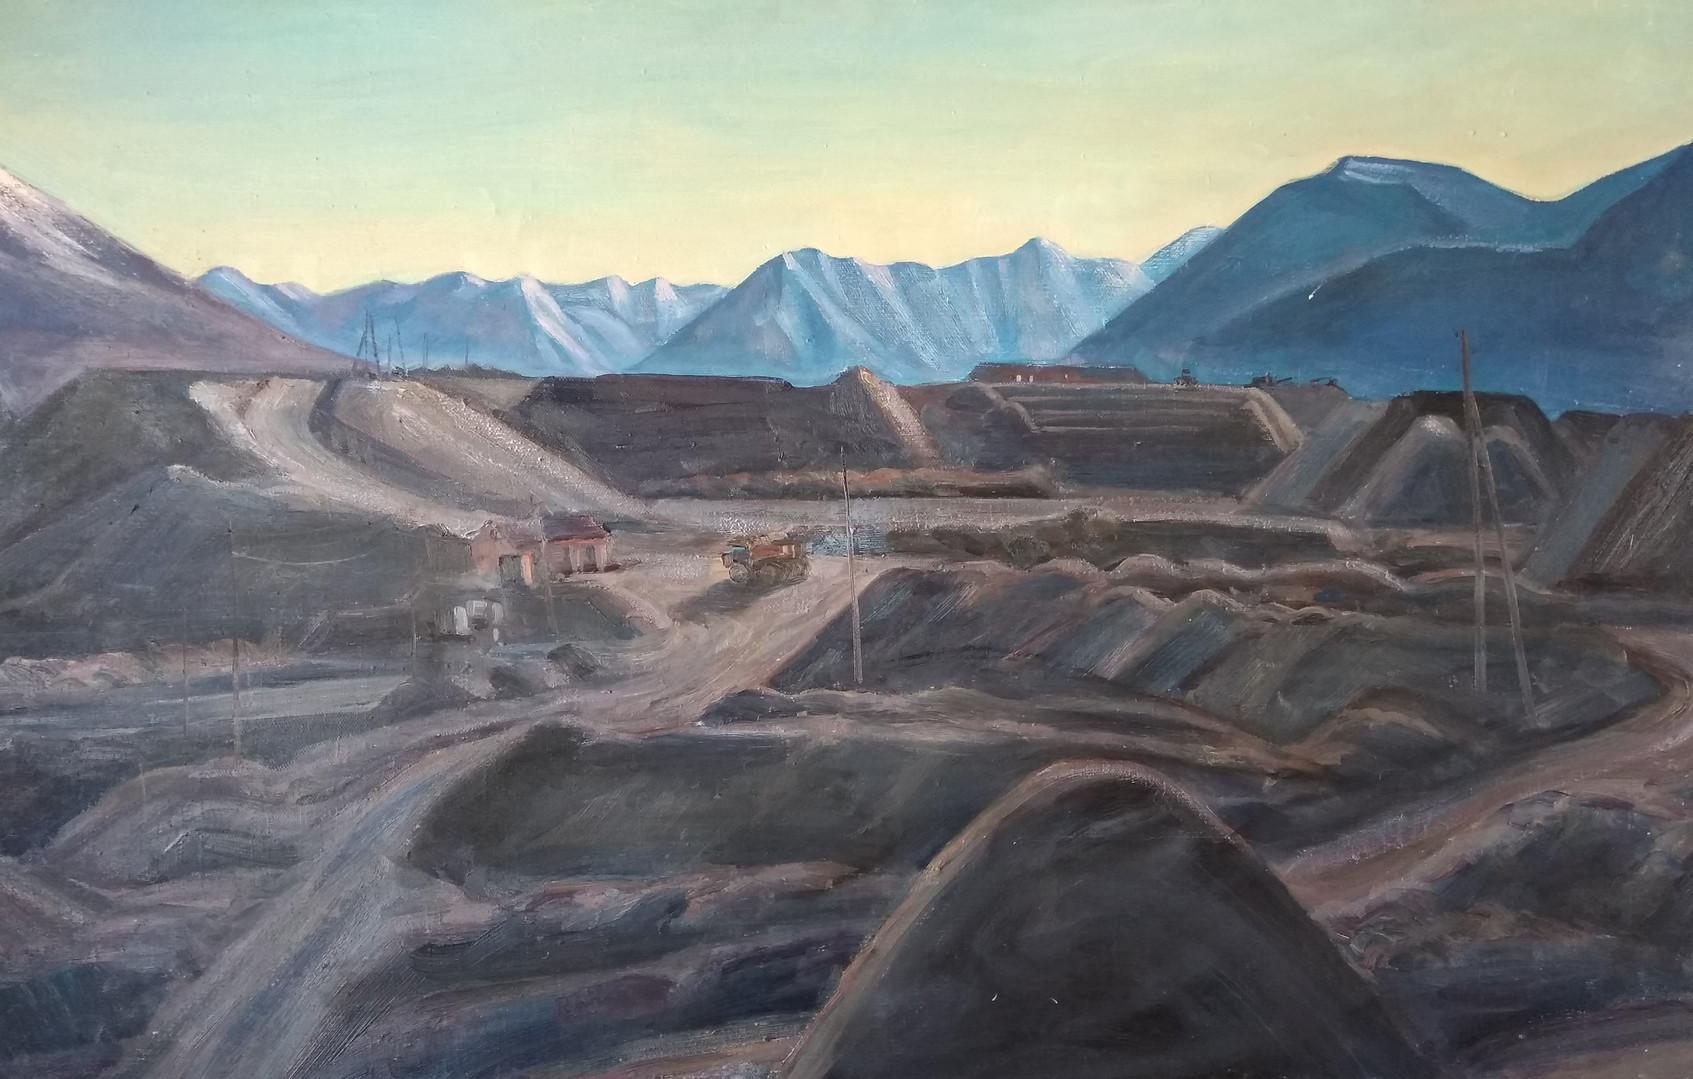 """Афанасий Осипов """"Отвалы разреза"""", 1986 Холст, масло. 68,4 х 108,3 см"""